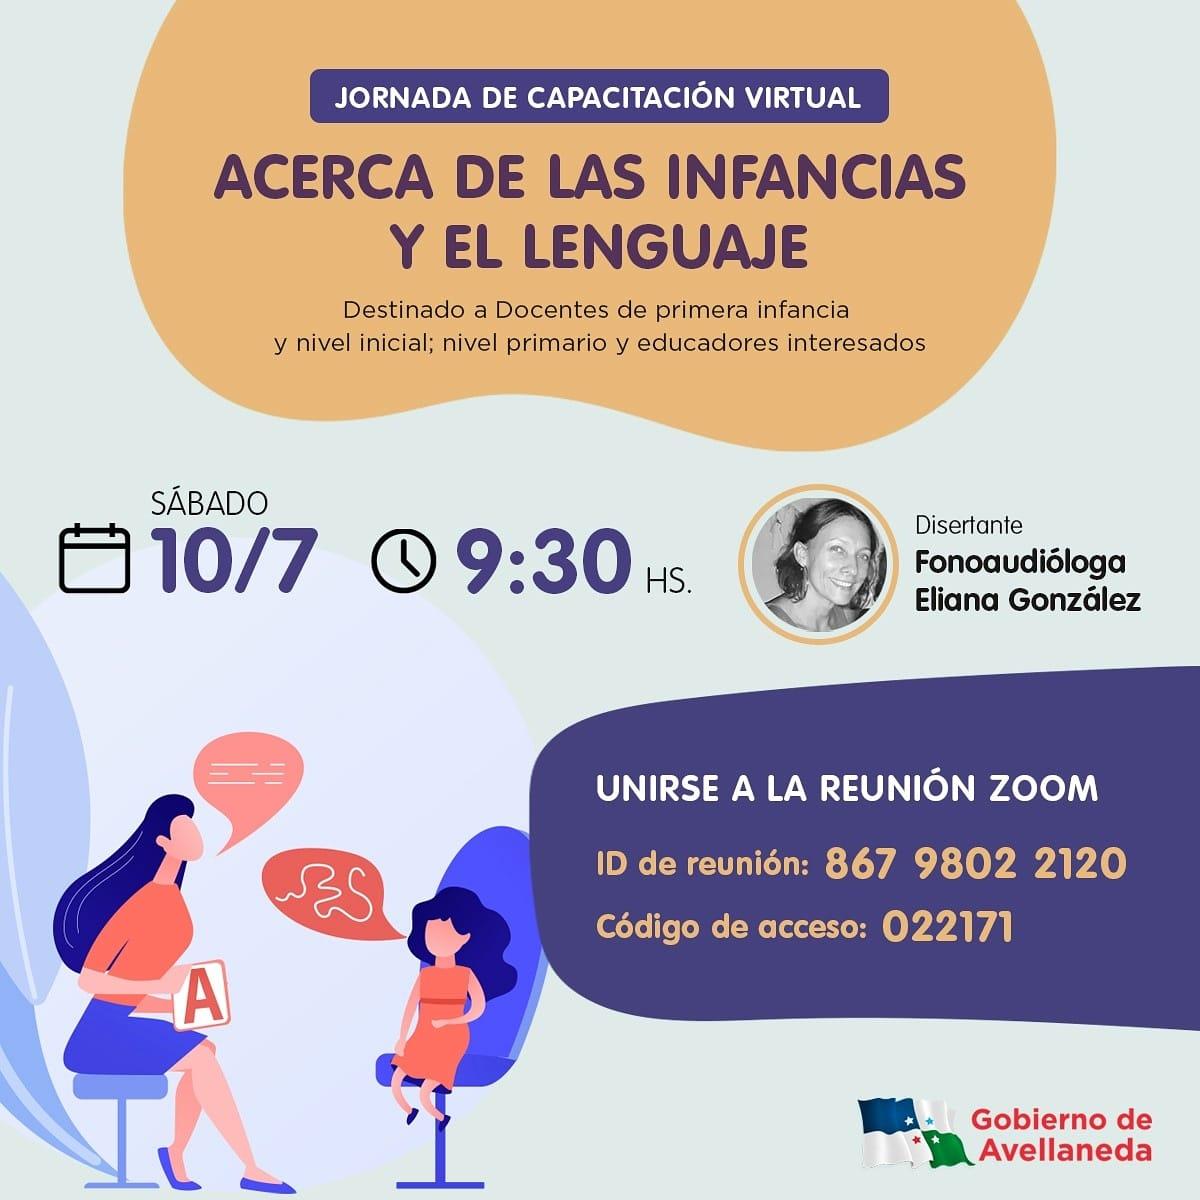 """Jornada de Capacitación Virtual """"Acerca de las infancias y e lenguaje"""" en Avellaneda"""